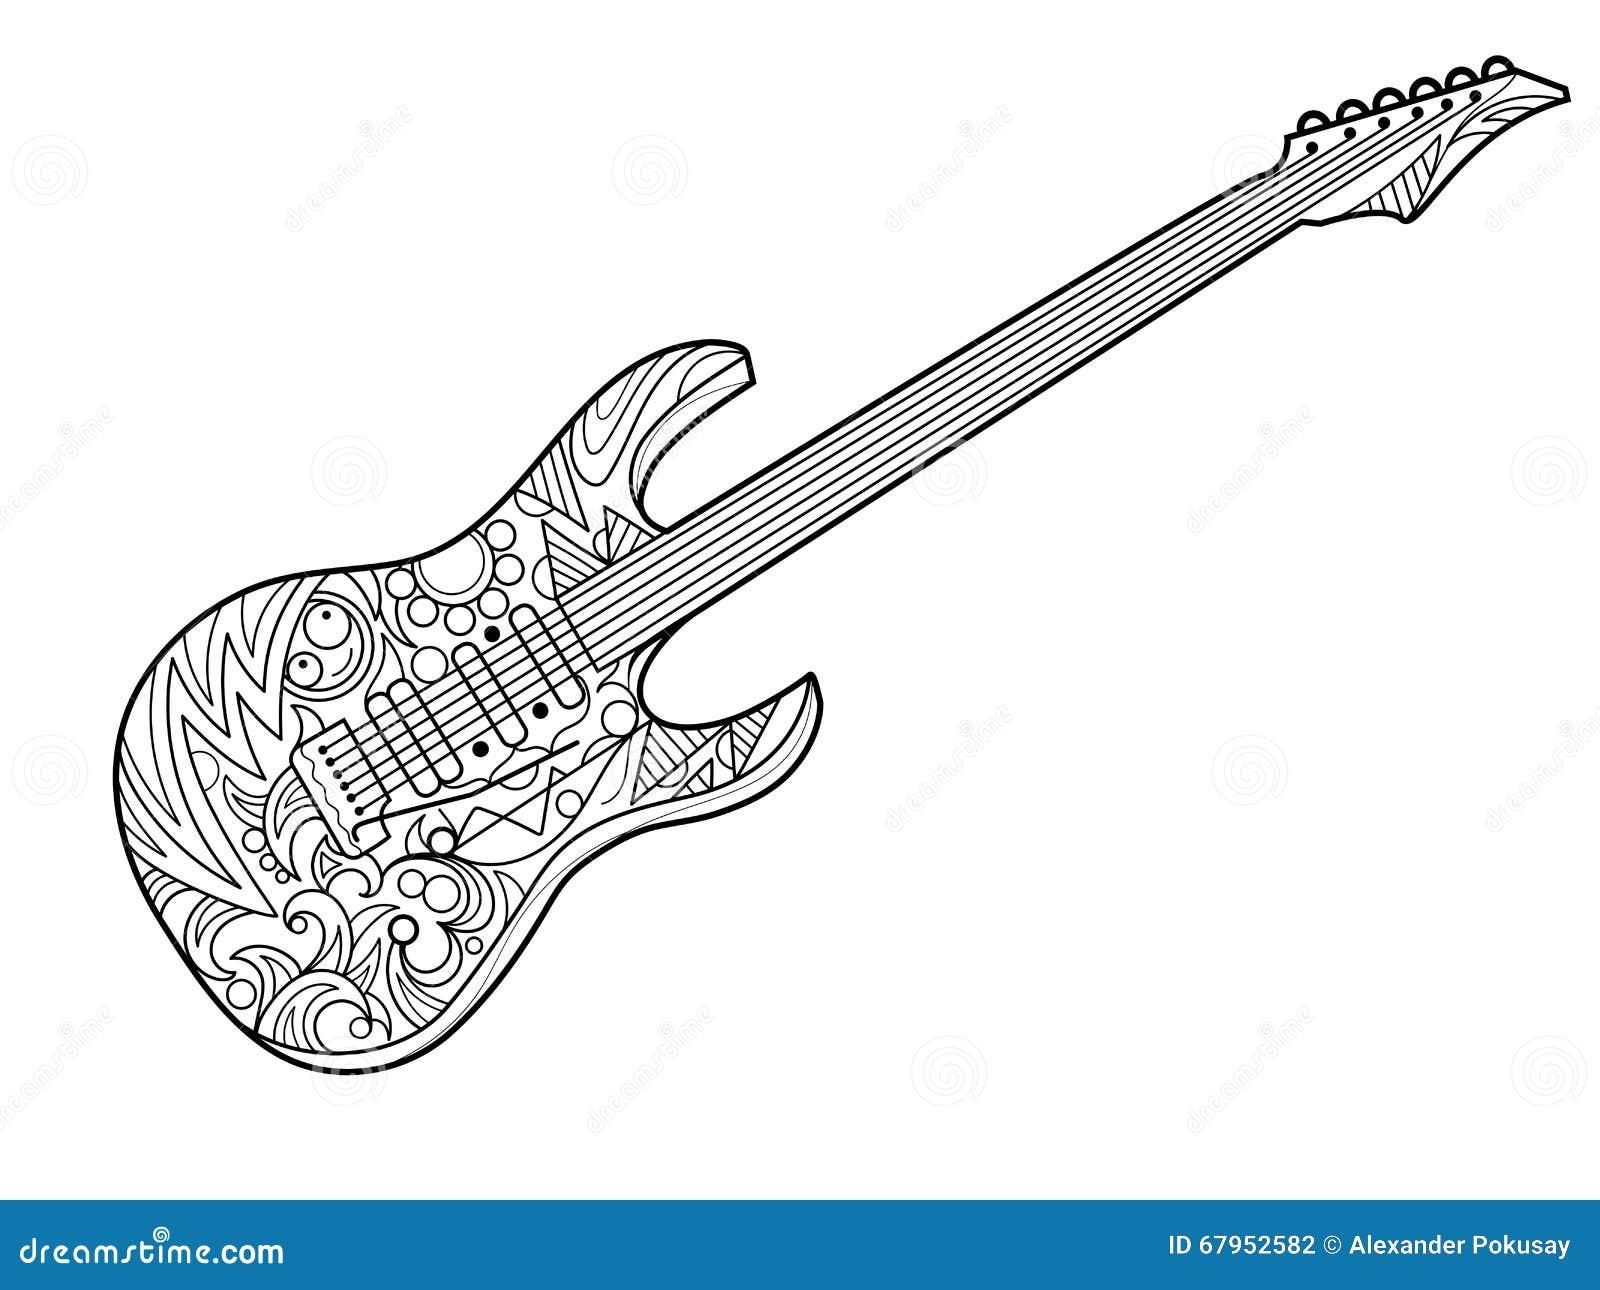 Encantador Colorear Guitarra De Rock Regalo - Dibujos Para Colorear ...